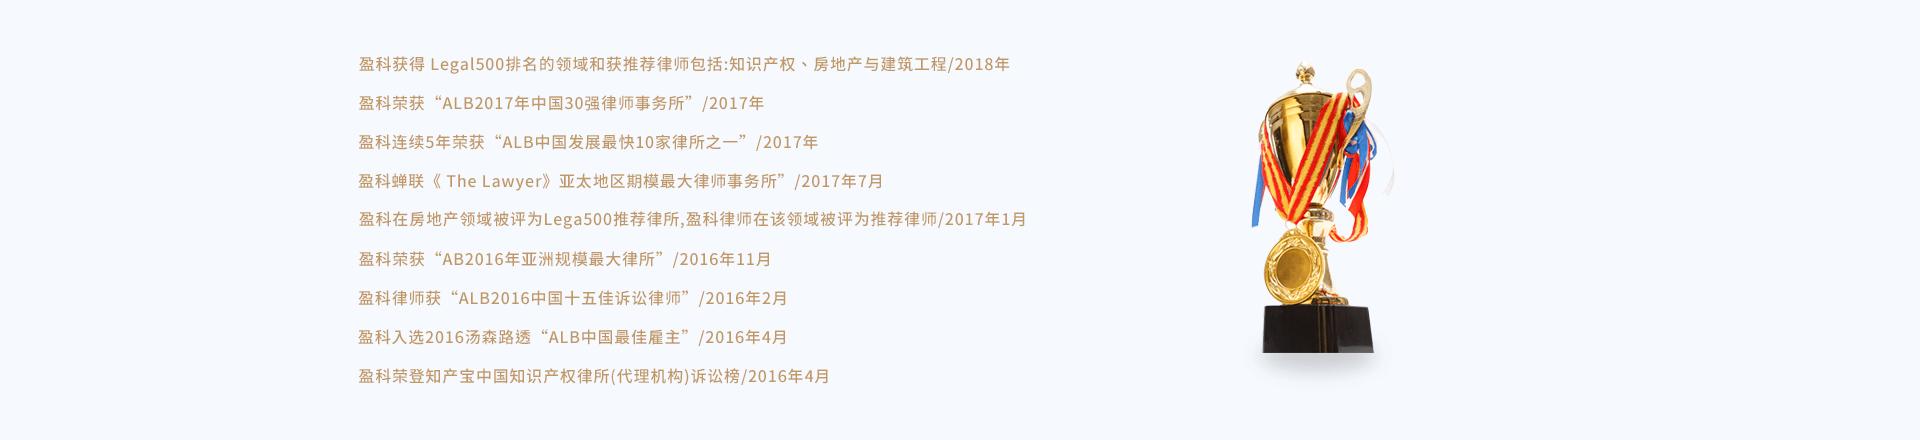 小微律政_盈科律师事务所荣誉